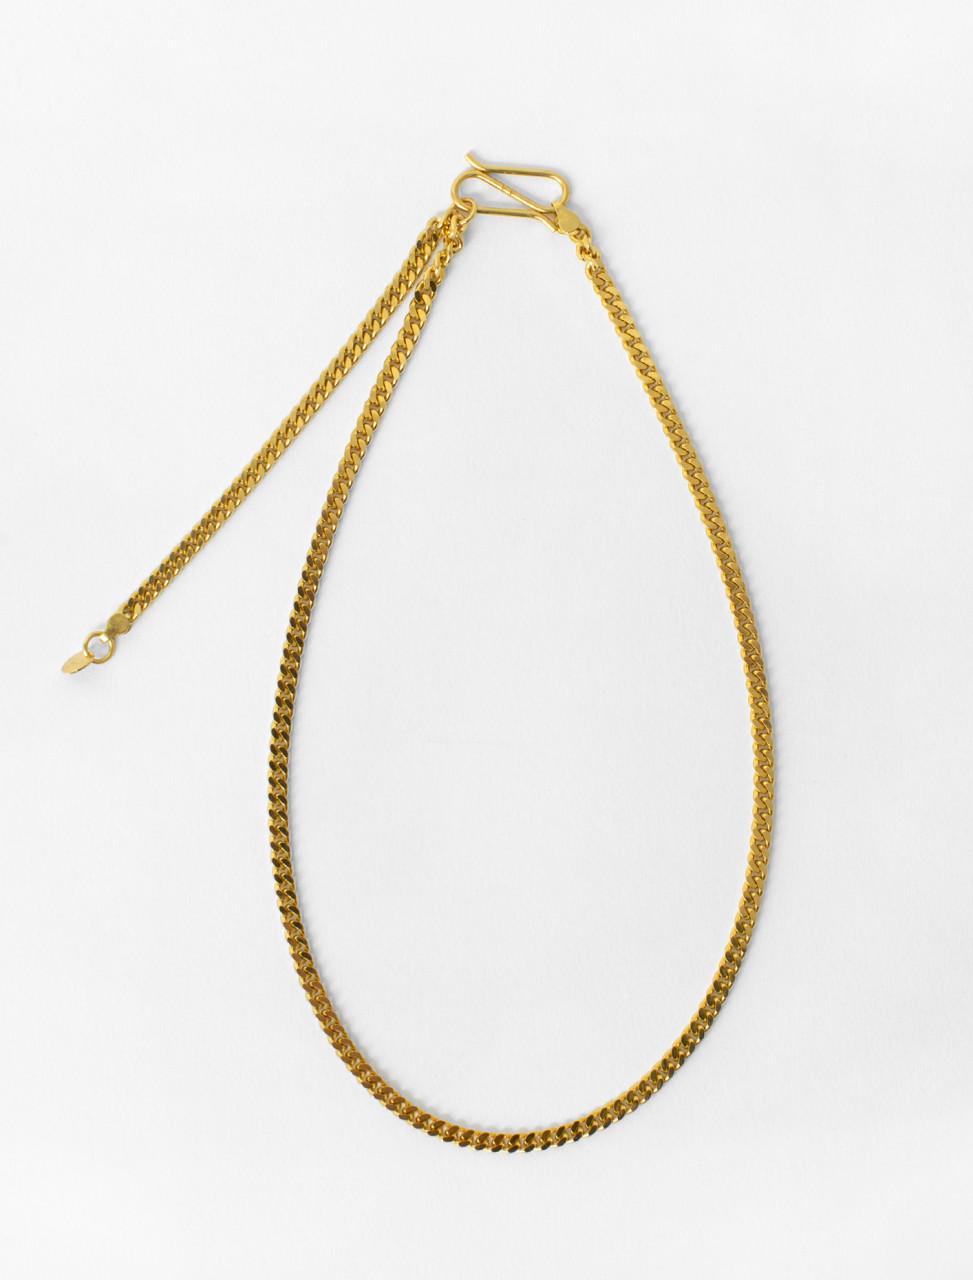 Chain Choker in Gold